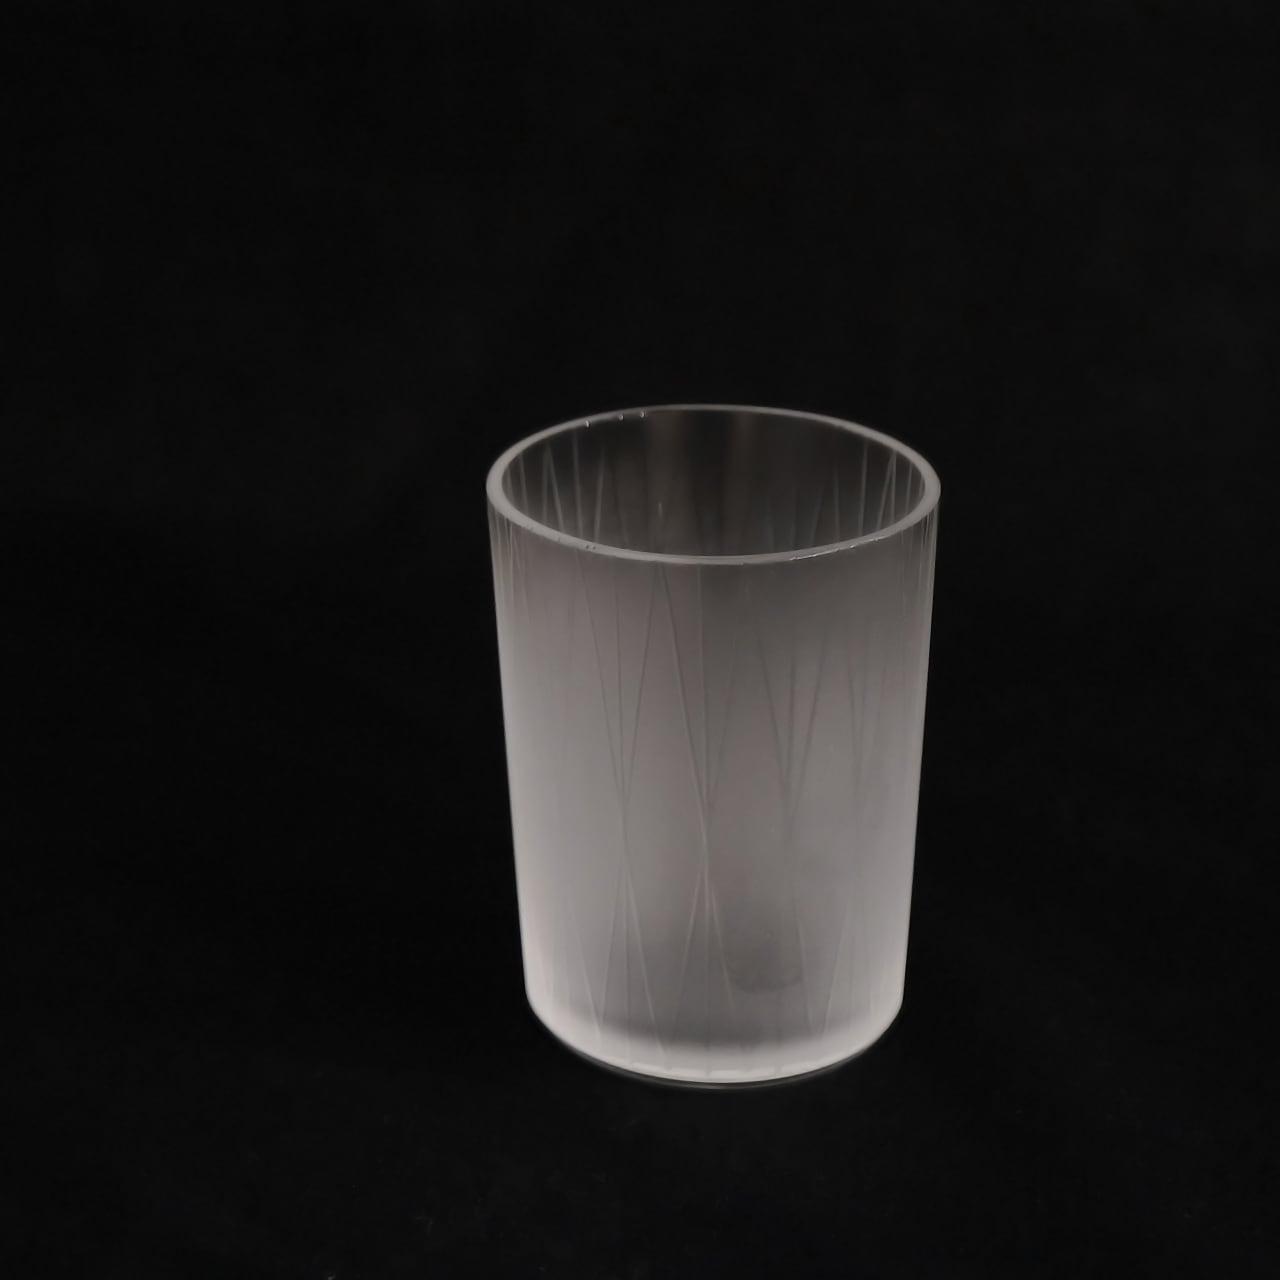 大迫友紀 Yuki Osako 小さなグラス 線と丸 (線)